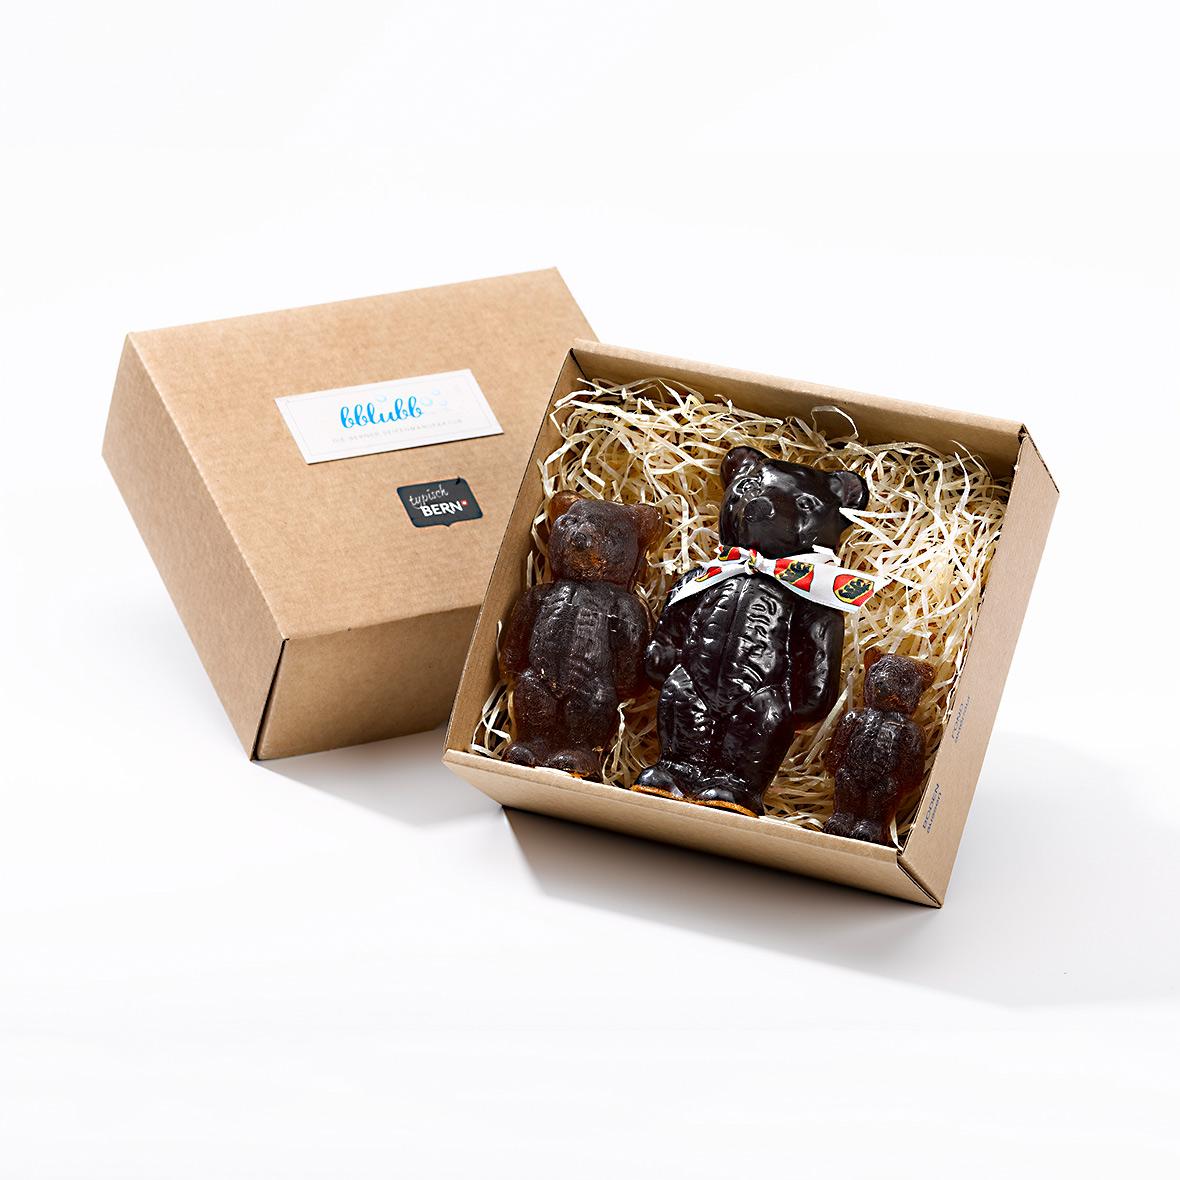 Berner Baerenfamilie von Seifenmanufaktur Bblubb